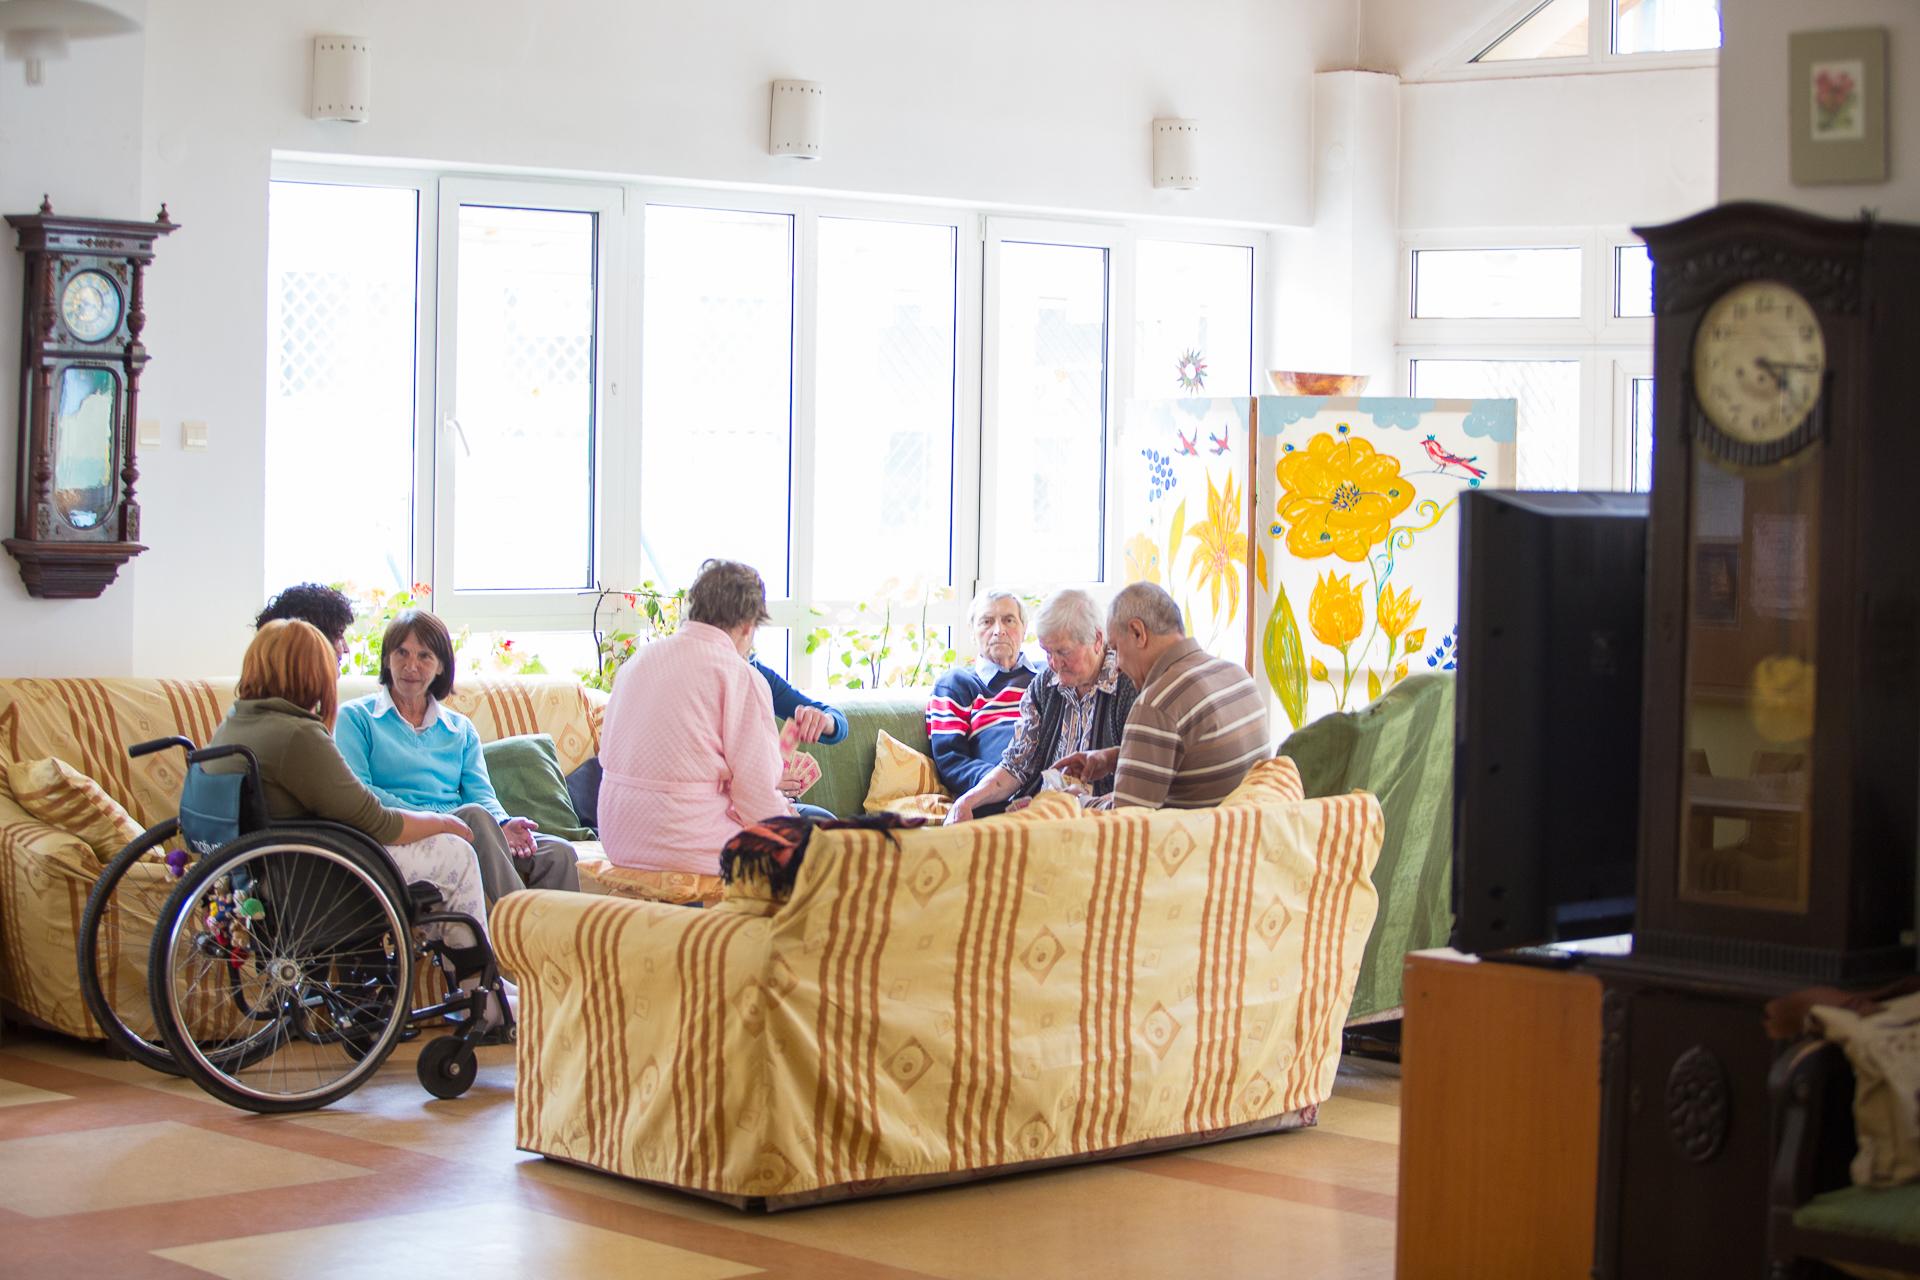 Centrul HOSPICE Casa SperanÈ›ei din BraÈ™ov este eficient energetic